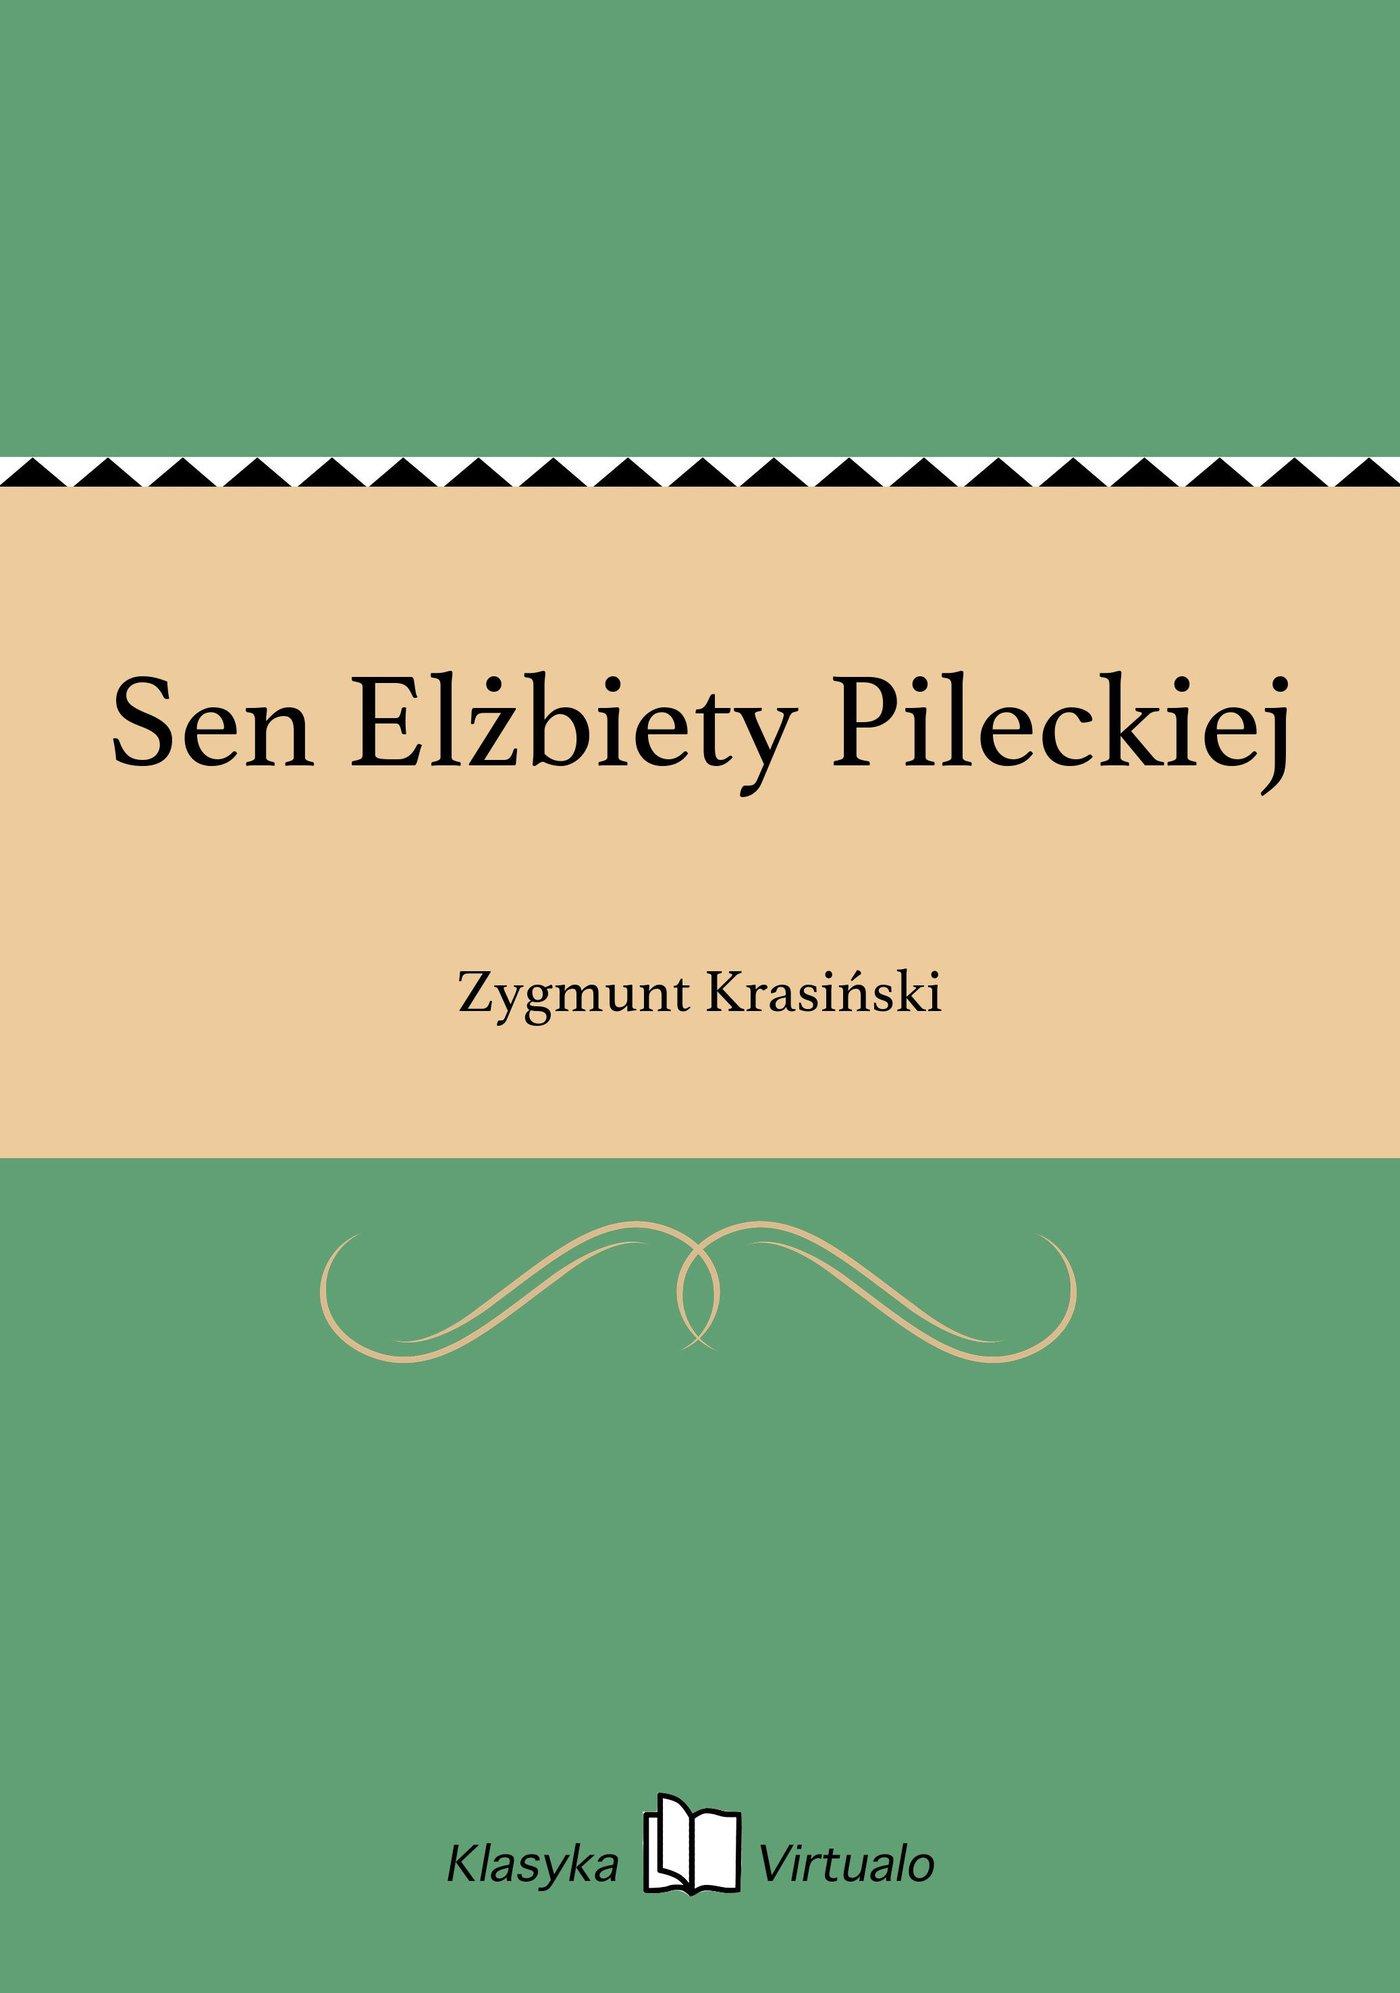 Sen Elżbiety Pileckiej - Ebook (Książka EPUB) do pobrania w formacie EPUB